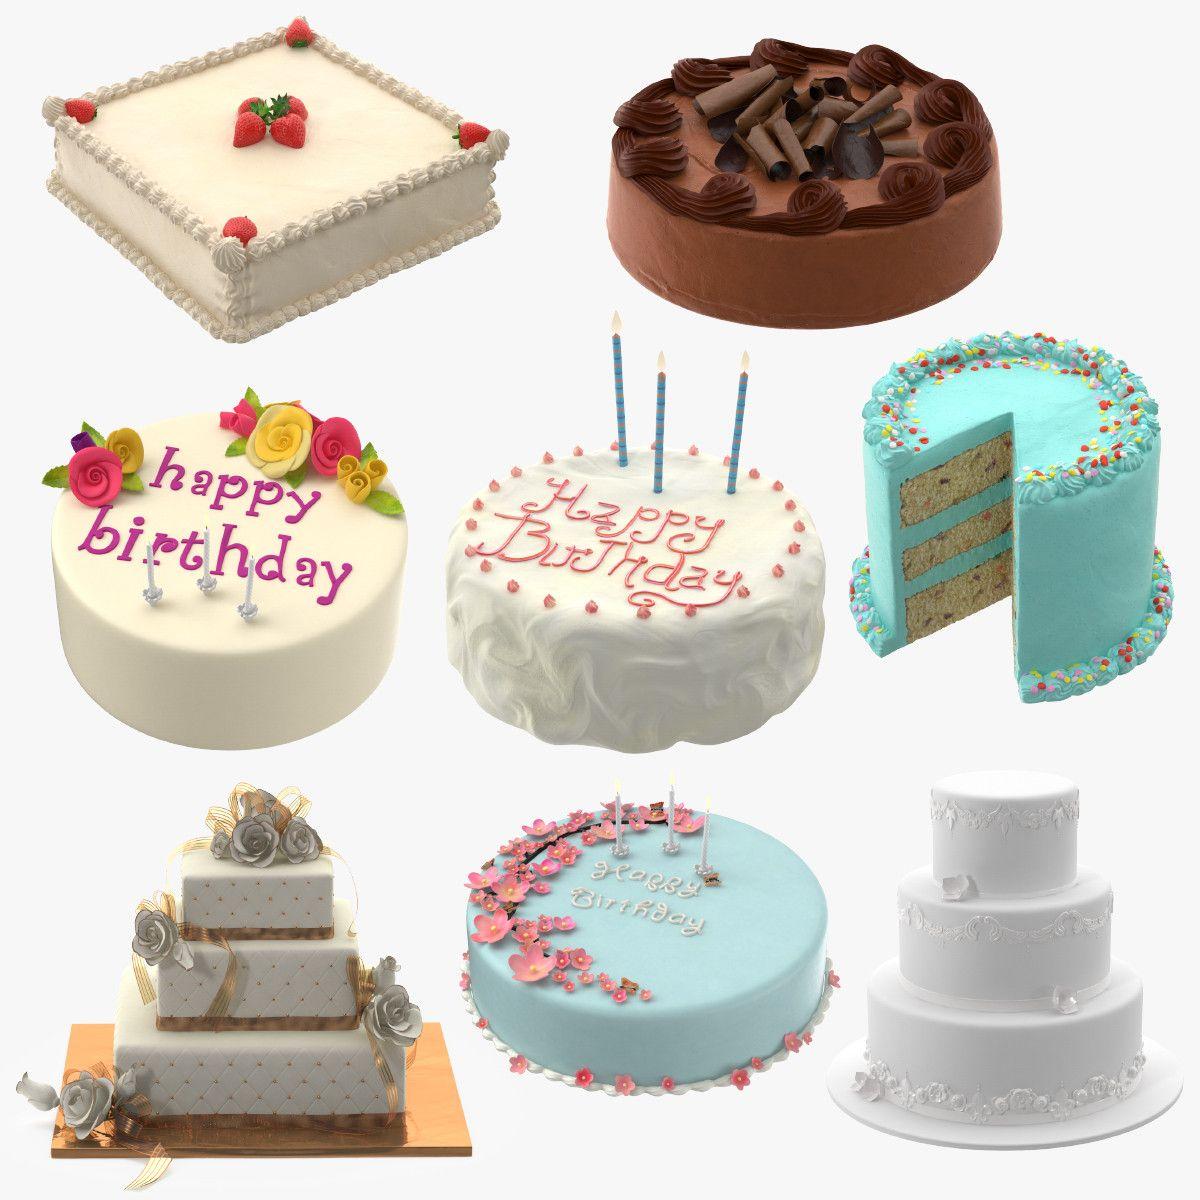 Cakes 03 3d Model 3d Model 3d Modeling Pinterest Models And Cake